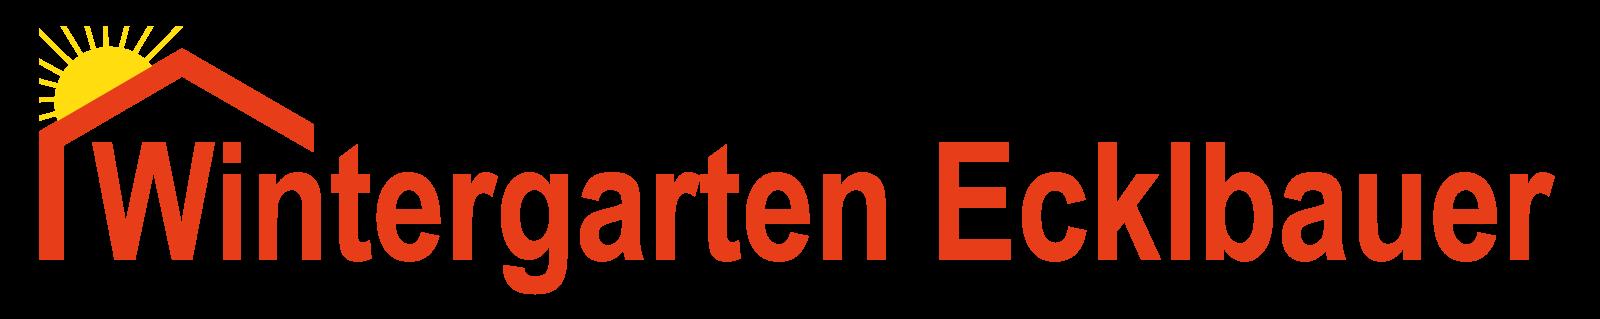 Wintergarten Eckelbauer